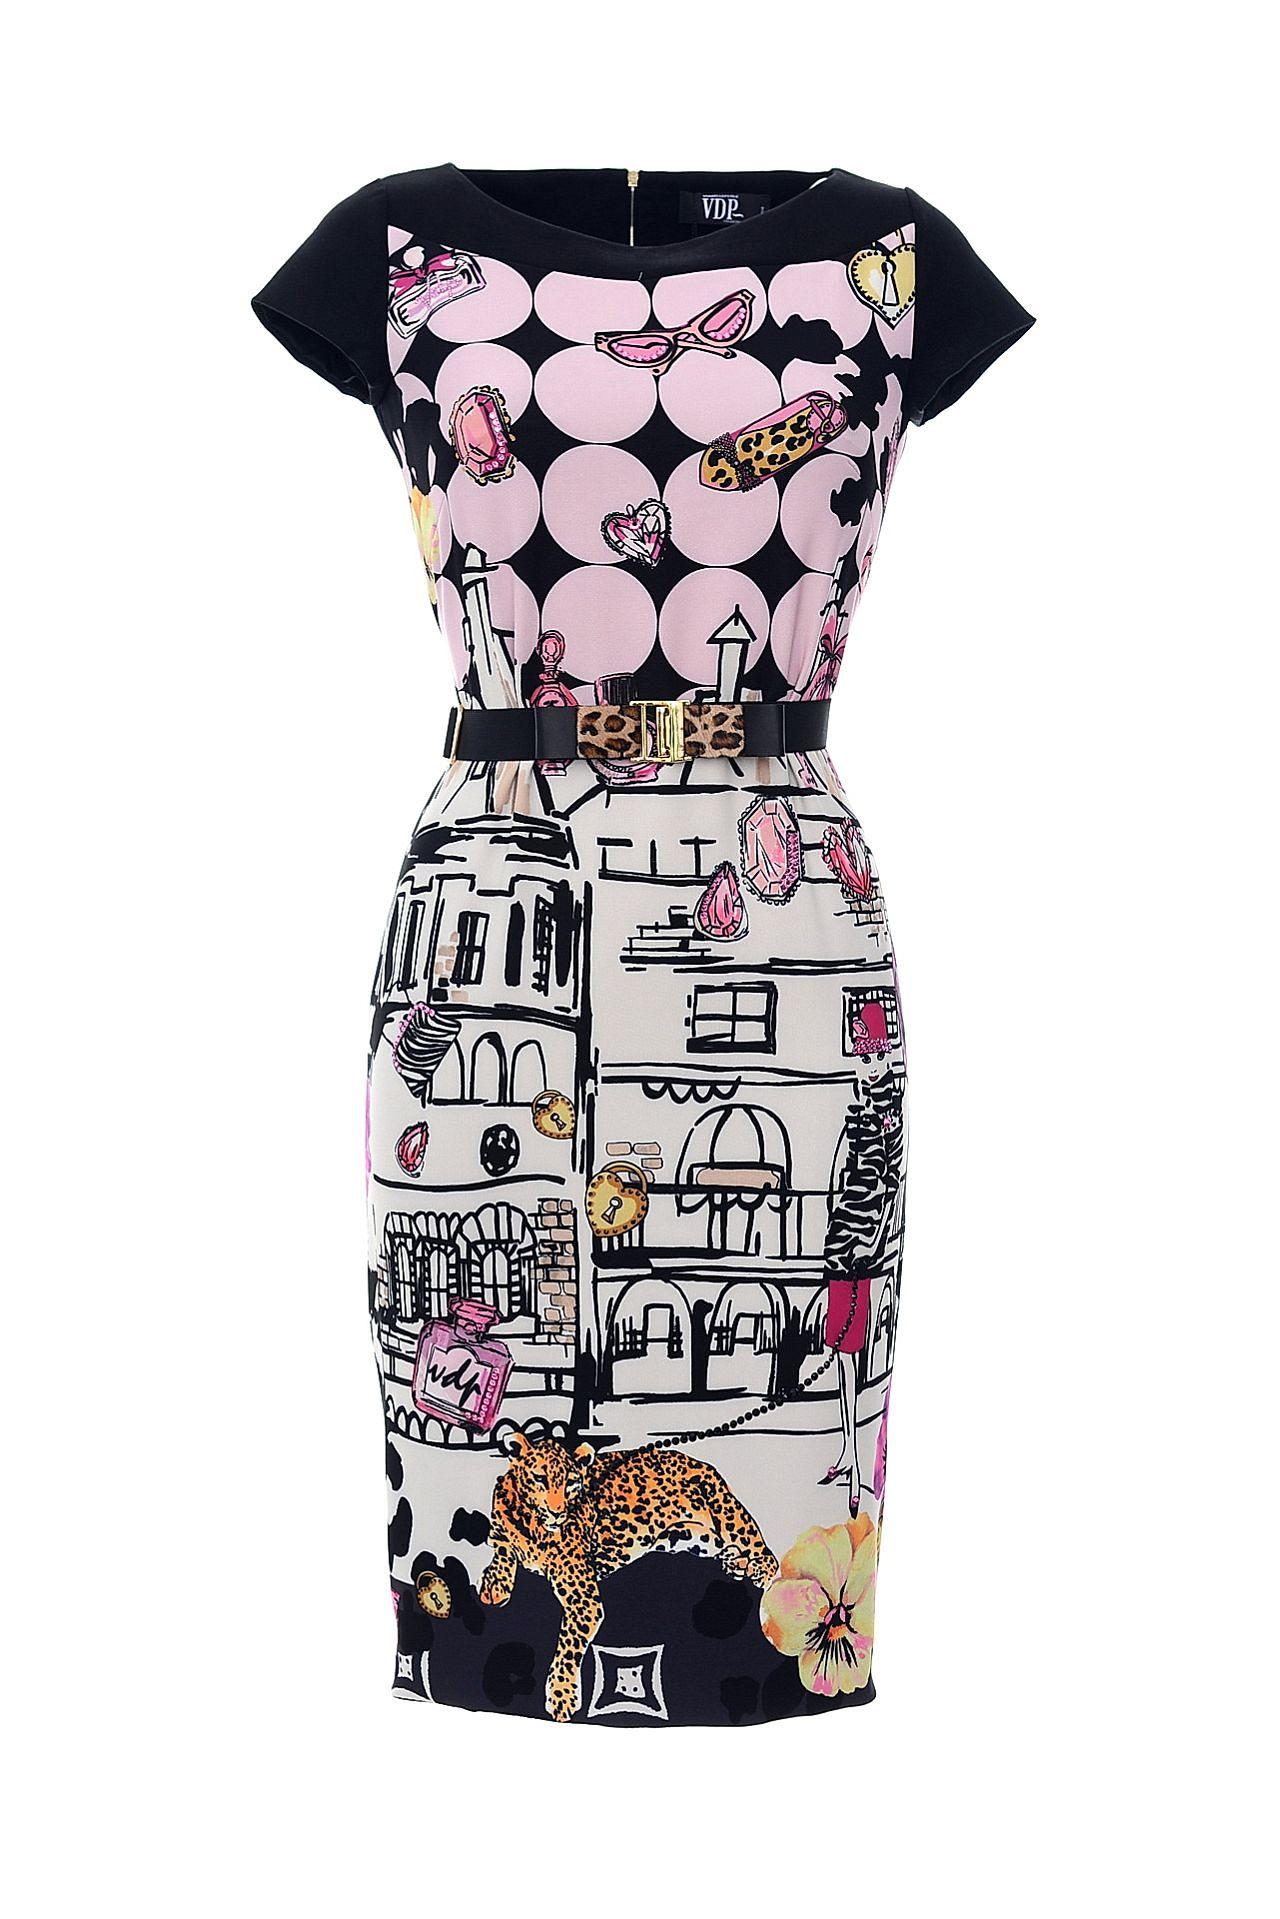 вязание крючком схемы бесплатно для девочек платья